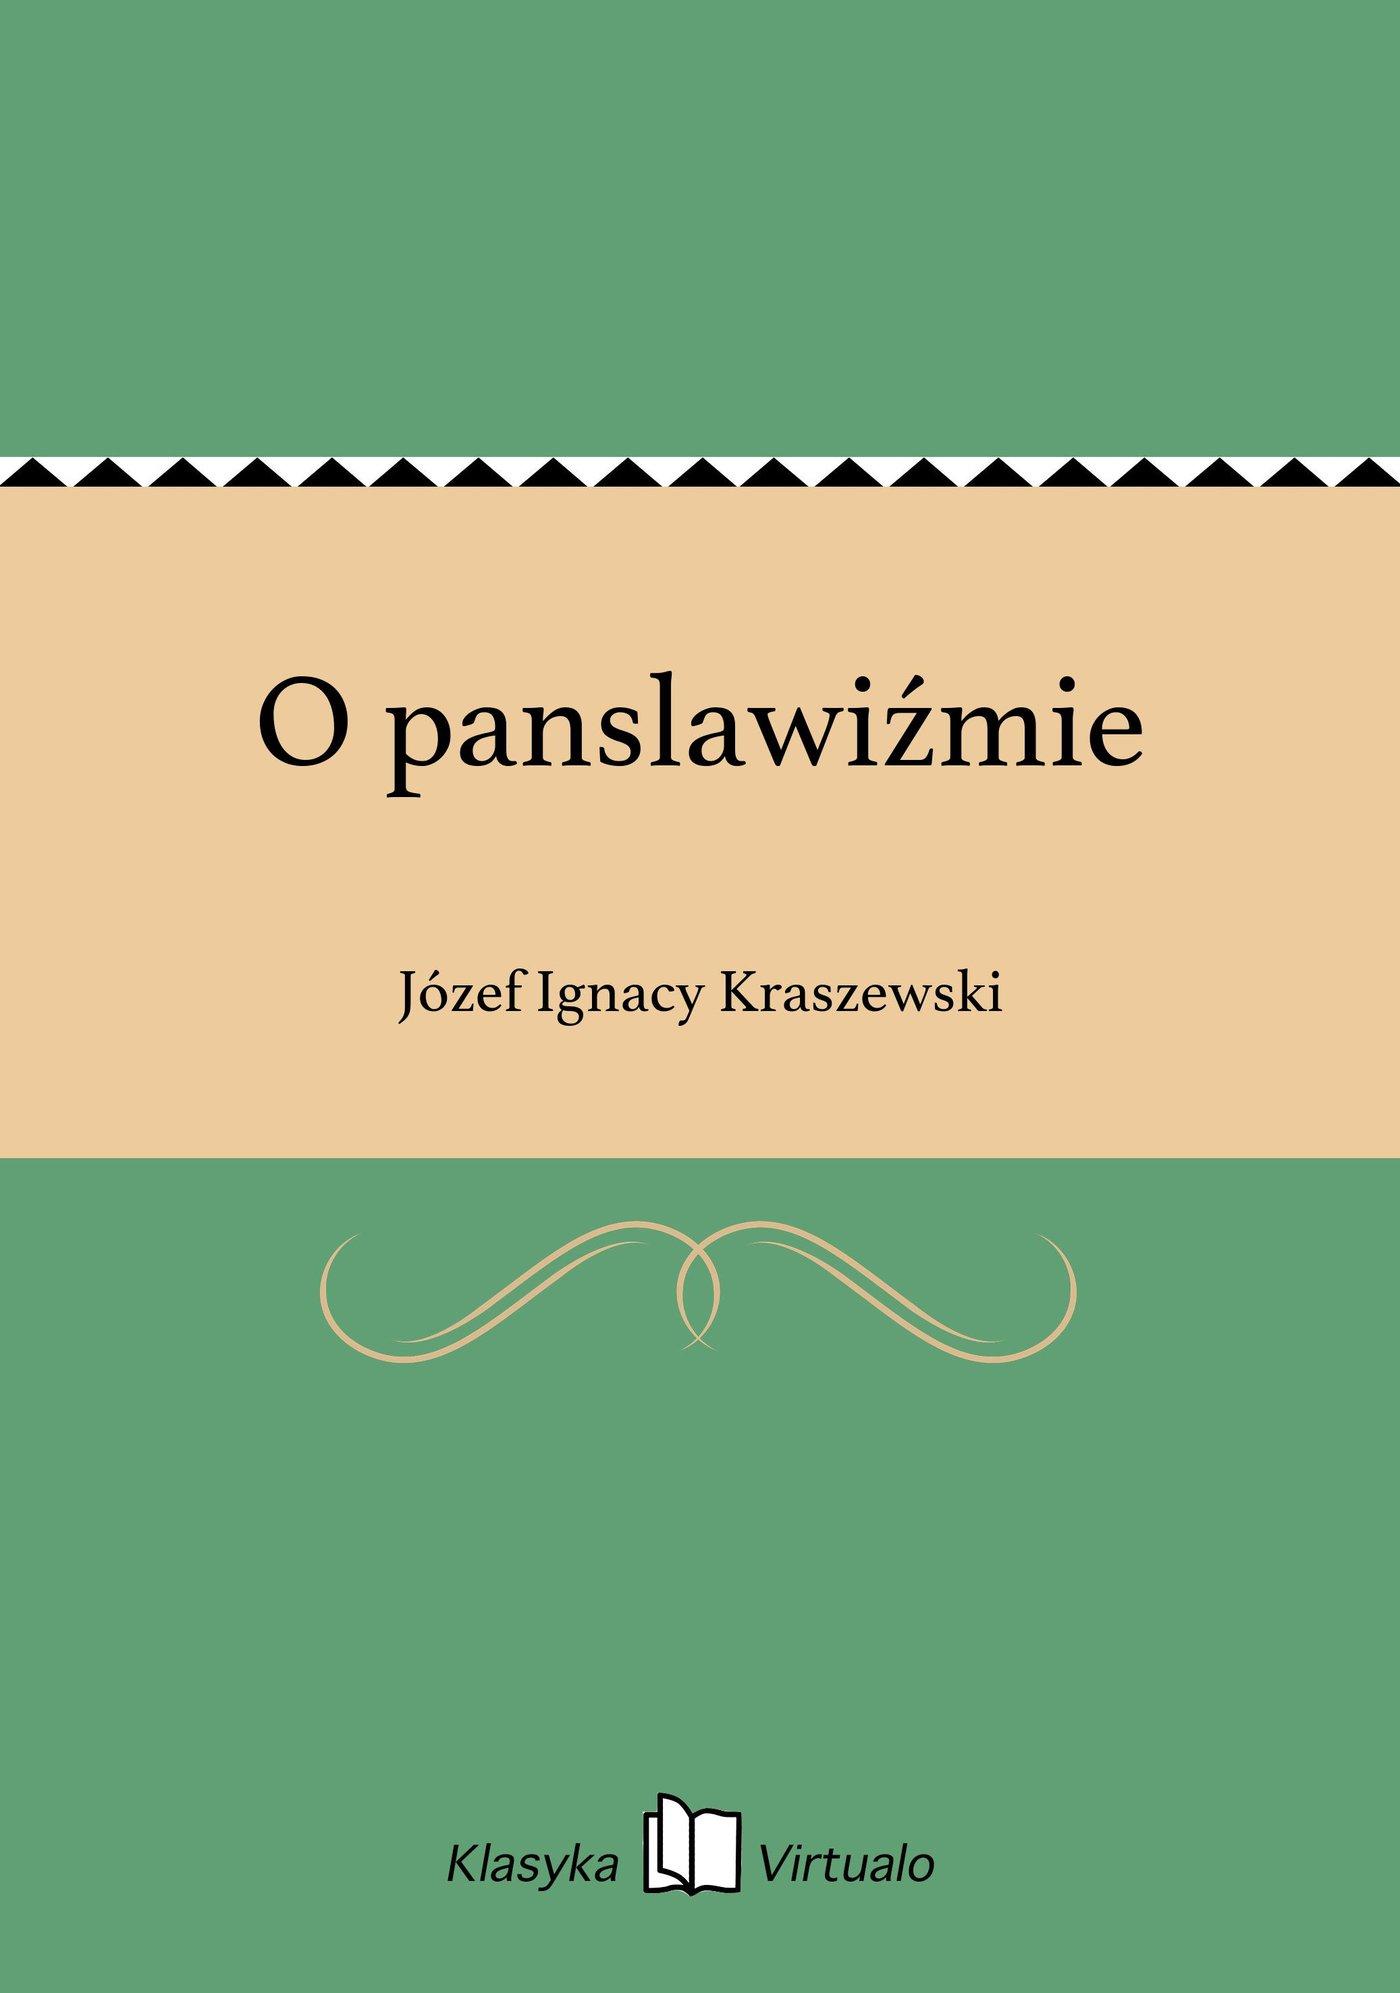 O panslawiźmie - Ebook (Książka EPUB) do pobrania w formacie EPUB